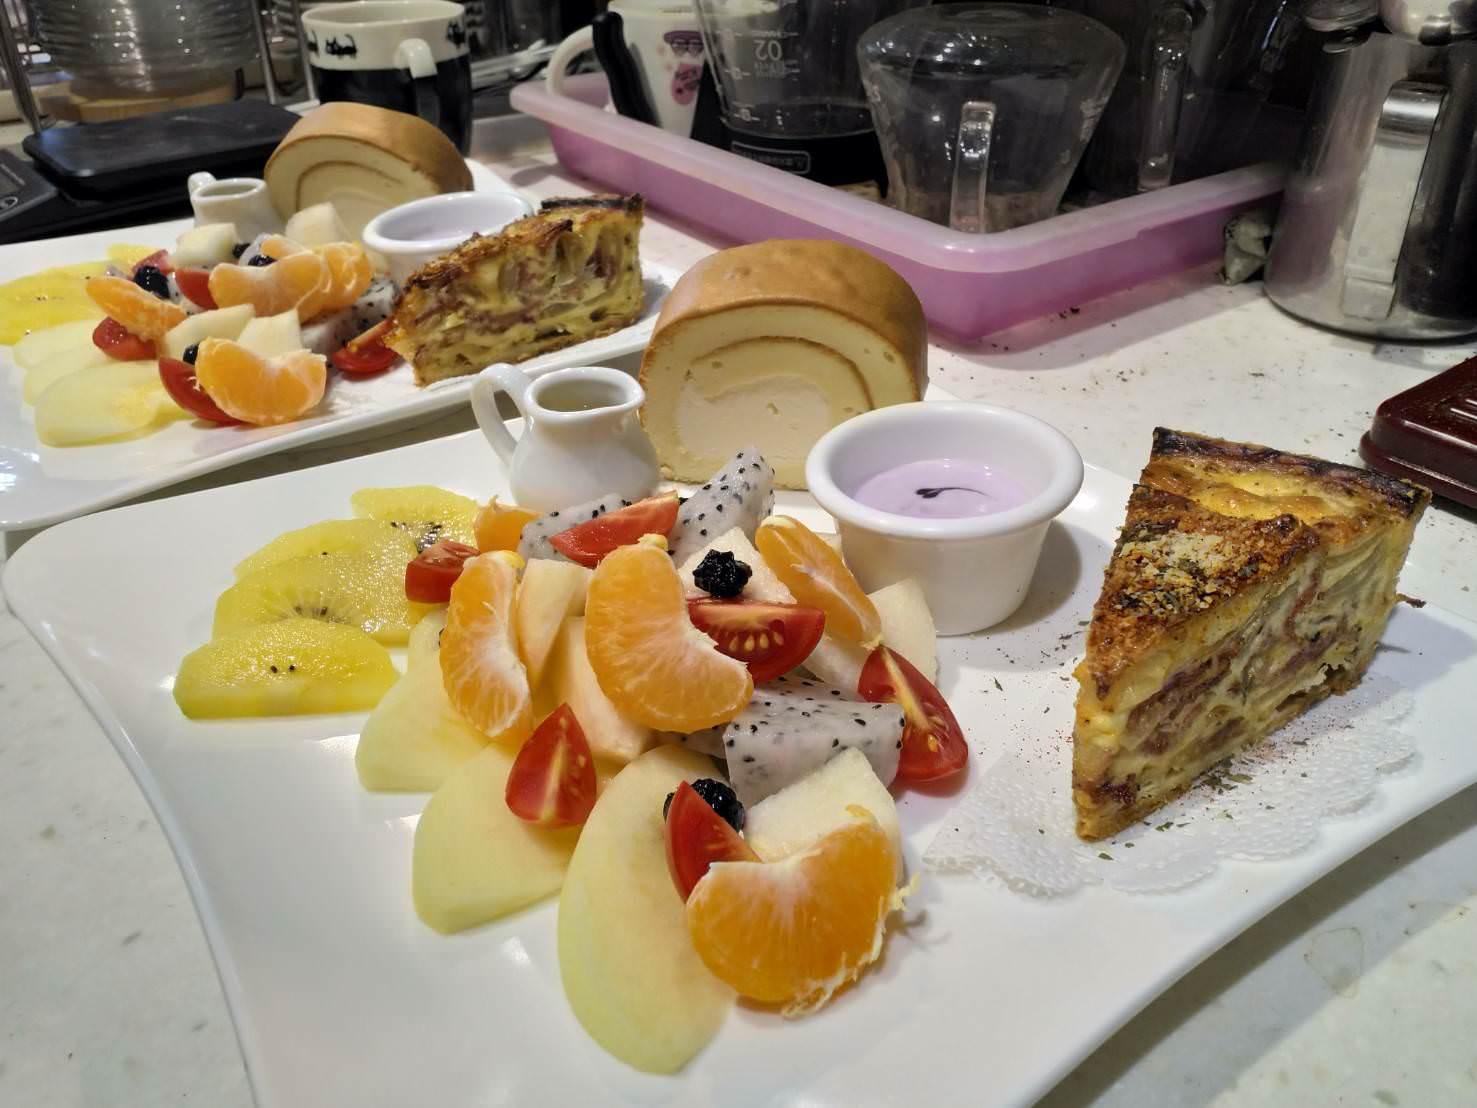 黑貓月亮咖啡館鹹派與水果餐點